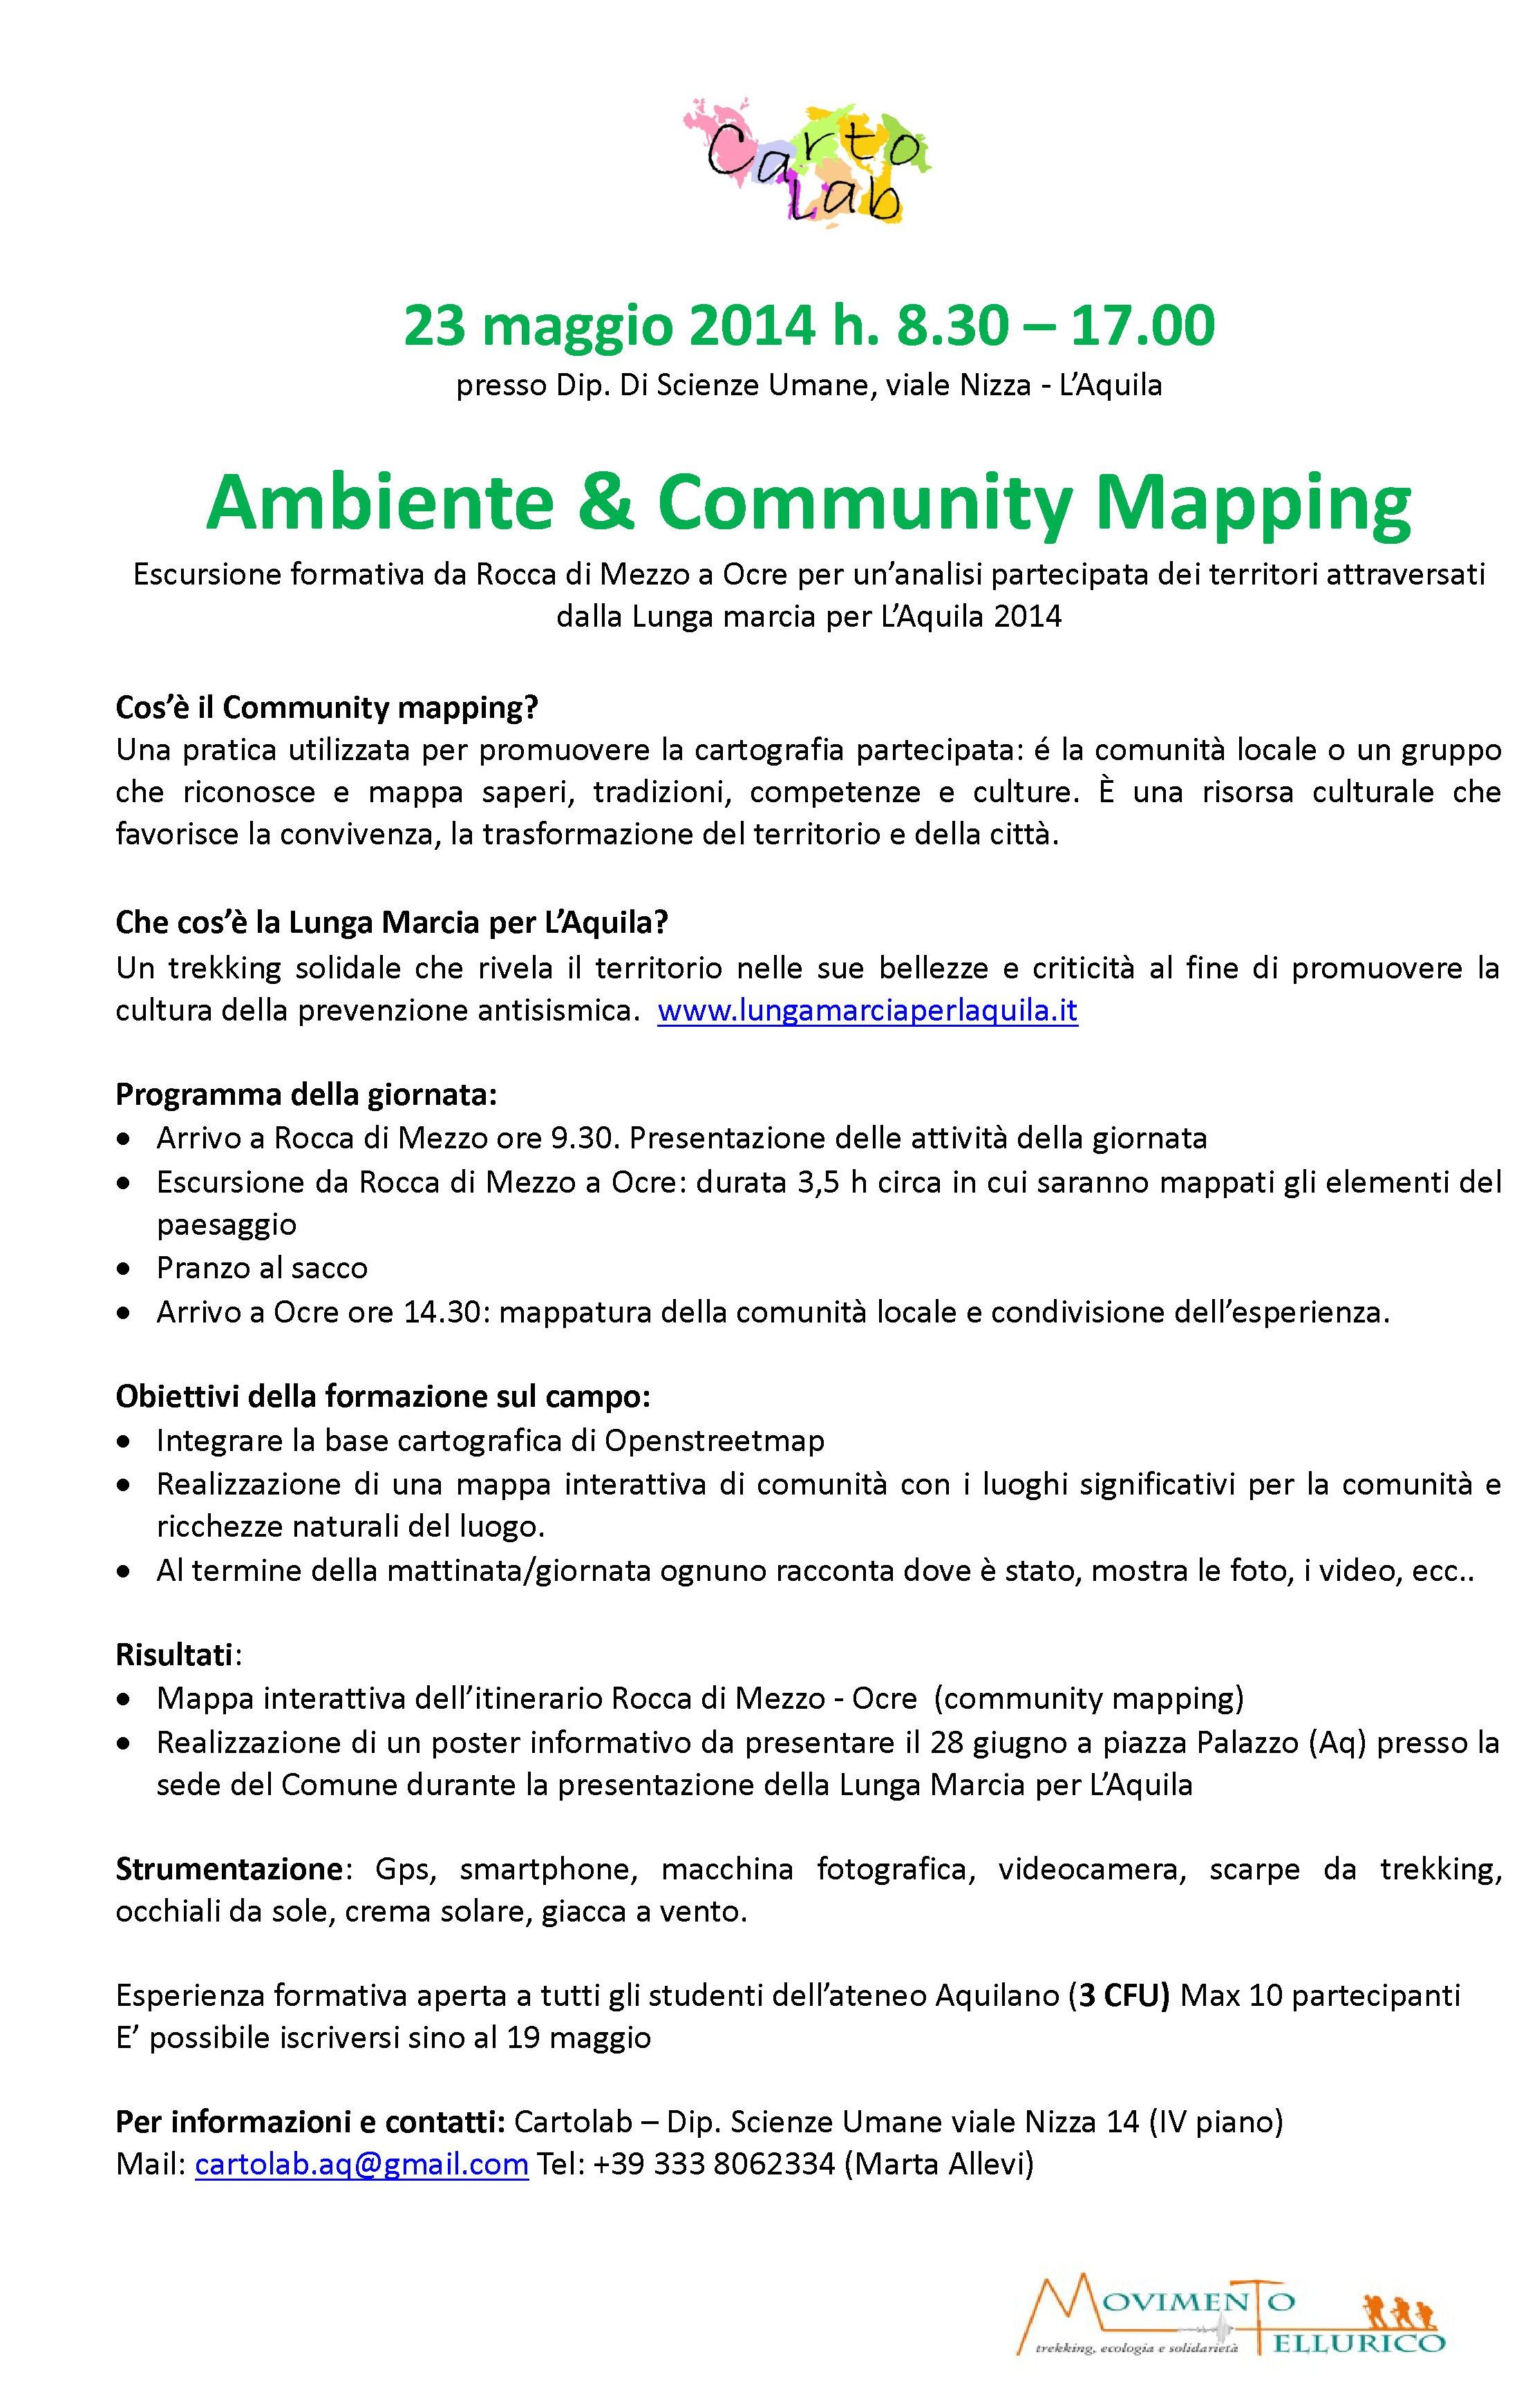 Ambiente & community mapping - presentazione